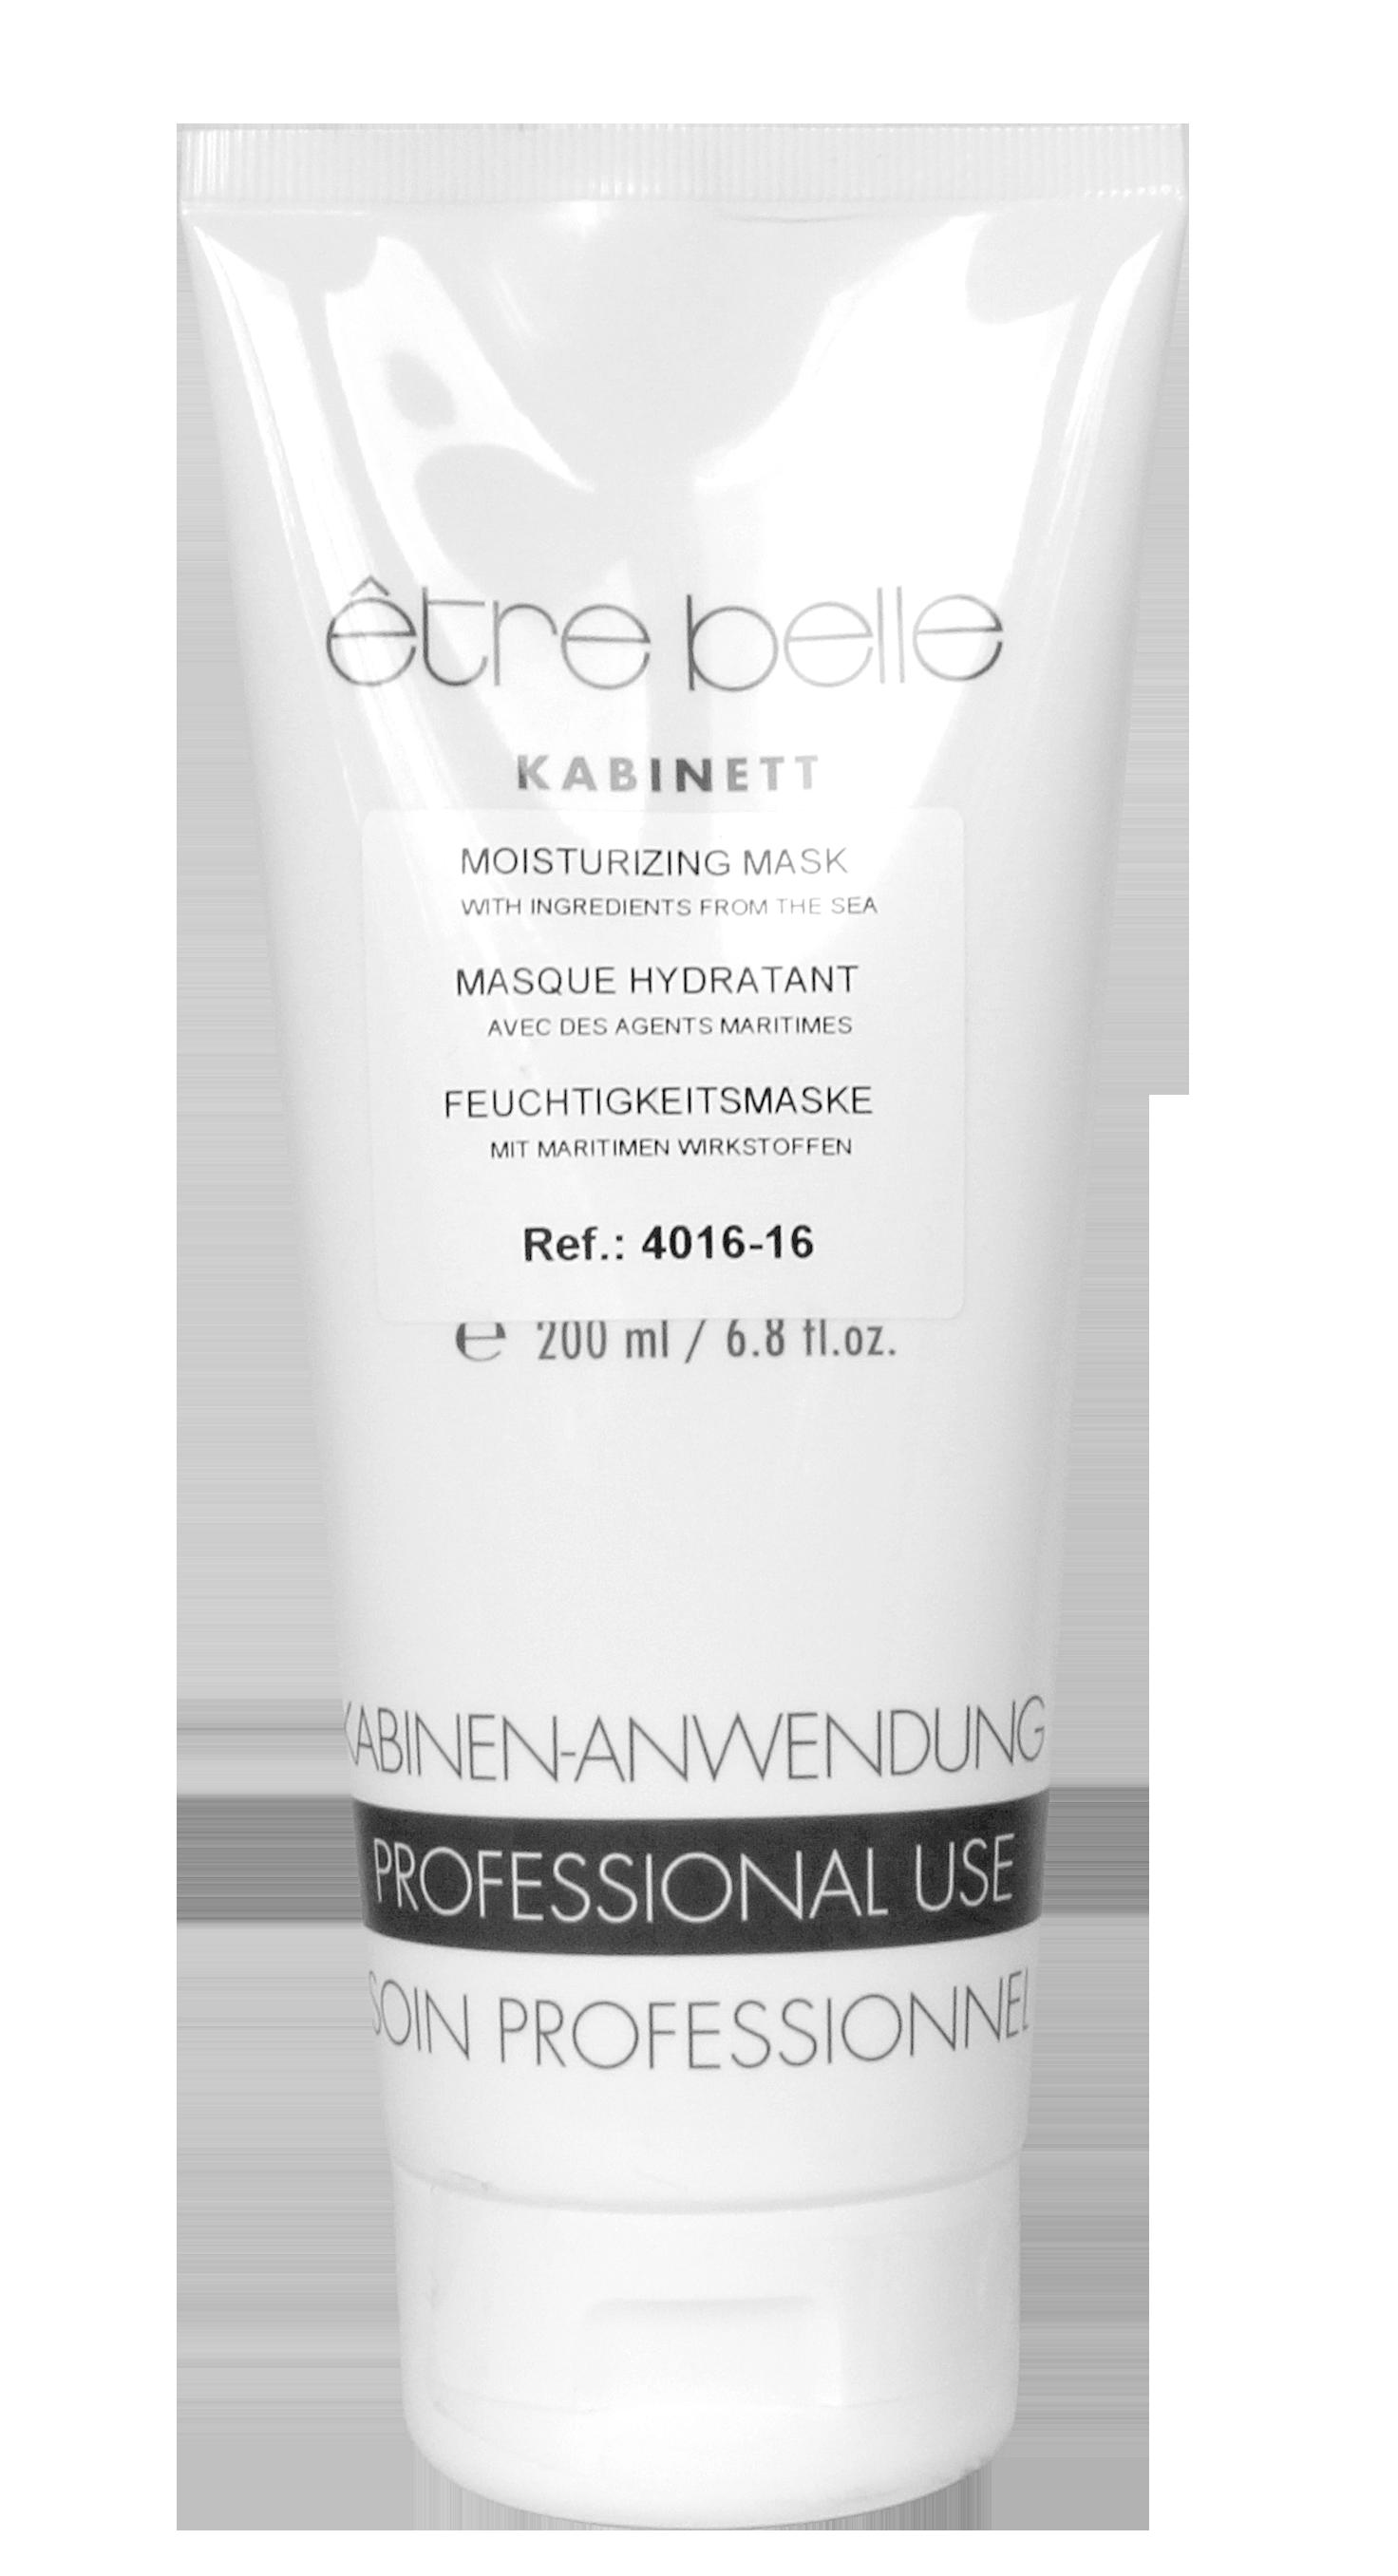 ETRE BELLE Маска увлажняющая / Skin Therapy 200 млМаски<br>Увлажняющая кремовая маска является интенсивным уходом за обезвоженной кожей. Благодаря высокому содержанию в маске натурального экстракта бурых водорослей, экстракта листьев зеленой мяты, а также гиалуроновой кислоты, интесивно увлажнет и улучшает способность кожи удерживать влагу, обладает невероятно длительным эффектом. После применения кожа становится более упругой, свежей и гладкой. Показание: для обезвоженной кожи любого возраста. Способ применения: наносить 1-2 раза в неделю, на тщательно очищенную кожу лица. Через 15 минут снять остатки маски влажным спонжем или полотенцем. Можно использовать как интенсивный ночной уход. Для этого нанесите маску тонким слоем и оставить на всю ночь. Активные ингредиенты: экстракт бурых водорослей, гиалуроновая кислота, экстракт листьев зеленой мяты, бетаин, токоферол, фосфолипиды, кокосовое масло.<br><br>Вид средства для лица: Увлажняющий<br>Возраст применения: После 25<br>Типы кожи: Сухая и обезвоженная<br>Назначение: Обезвоживание